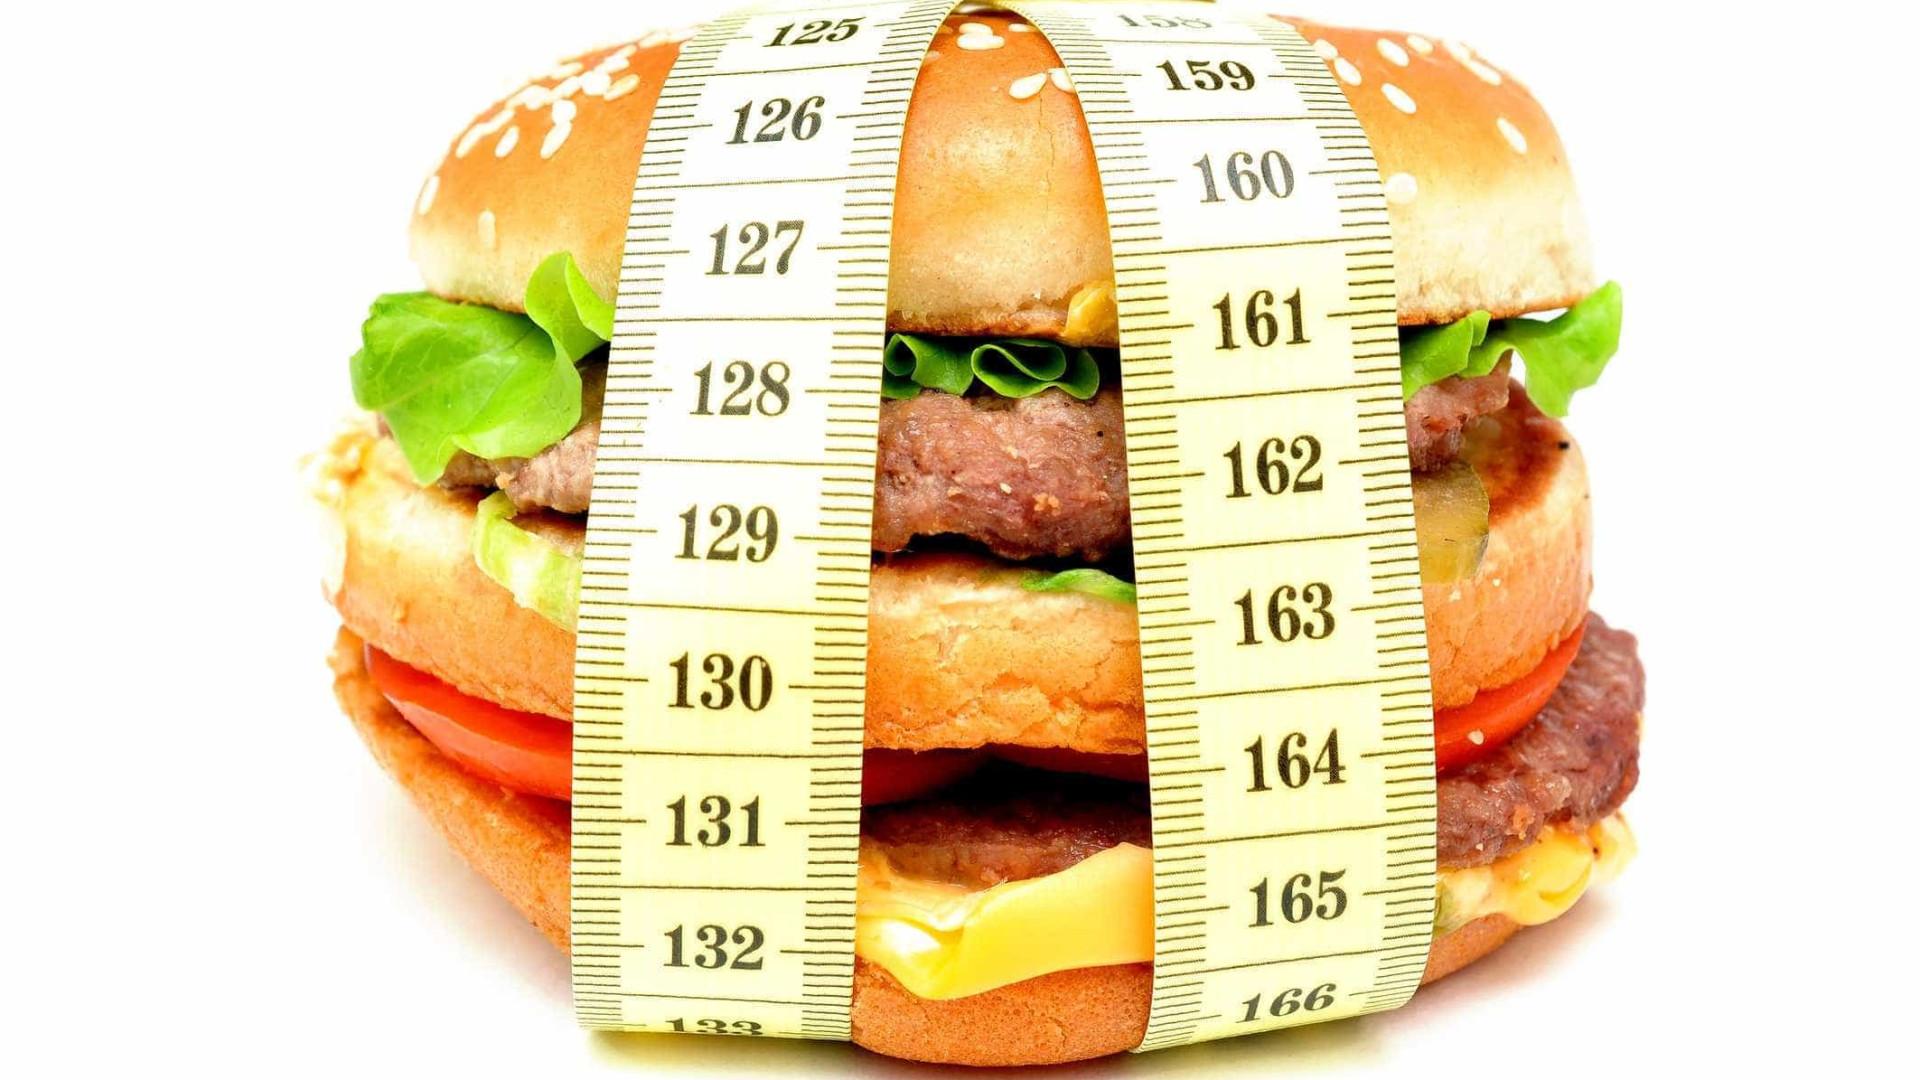 Treinar para queimar o que come não é saudável, dizem especialistas